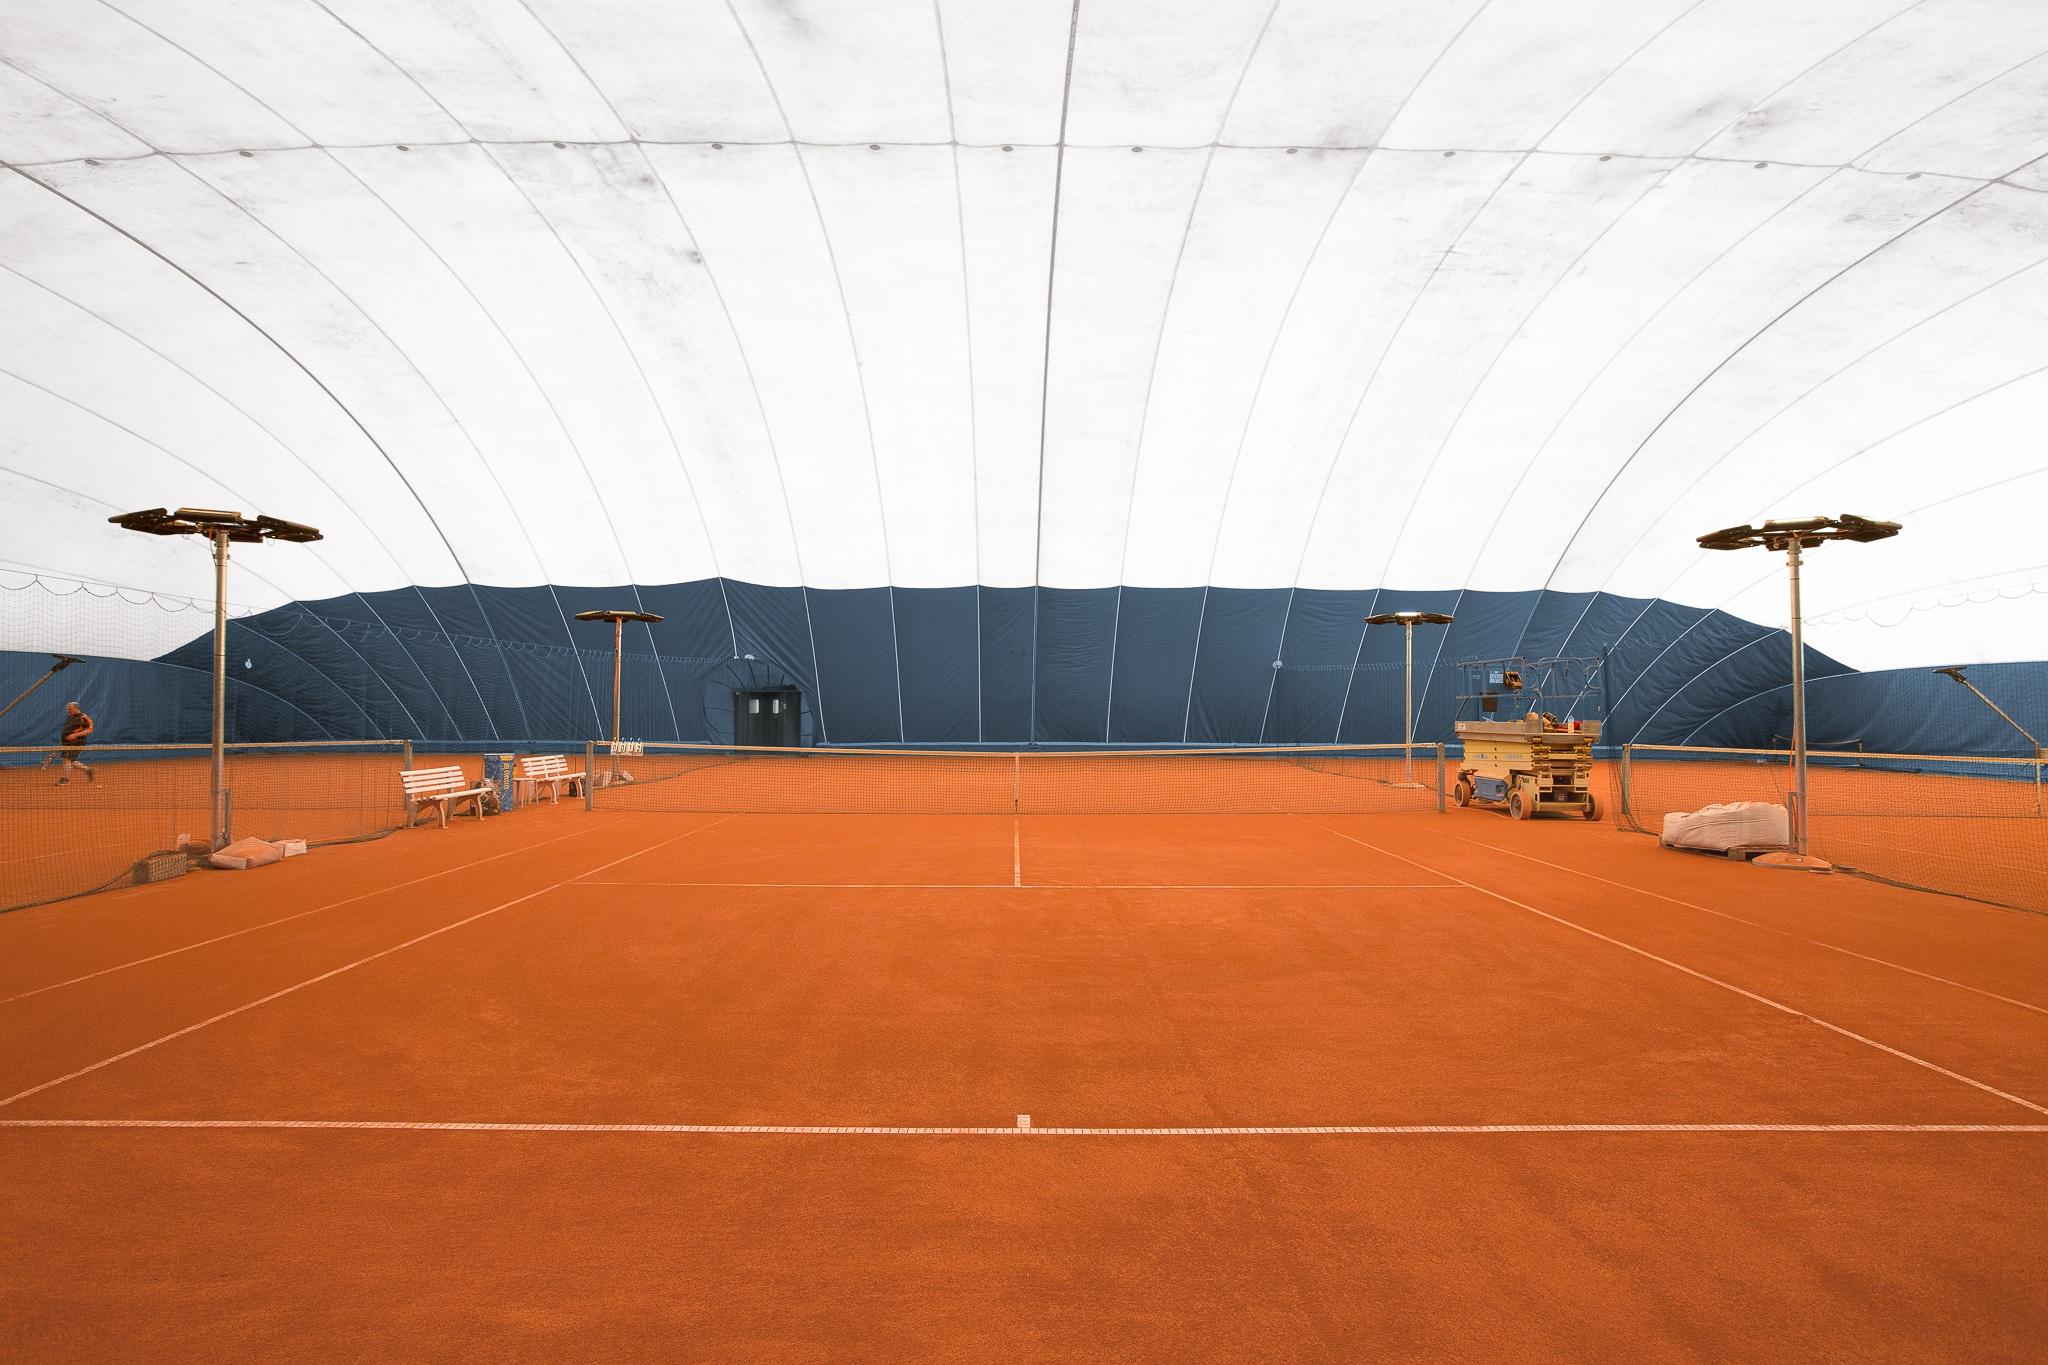 Bild der Membranhalle der hp Tennis- und Squashhallen Frauenfeld AG